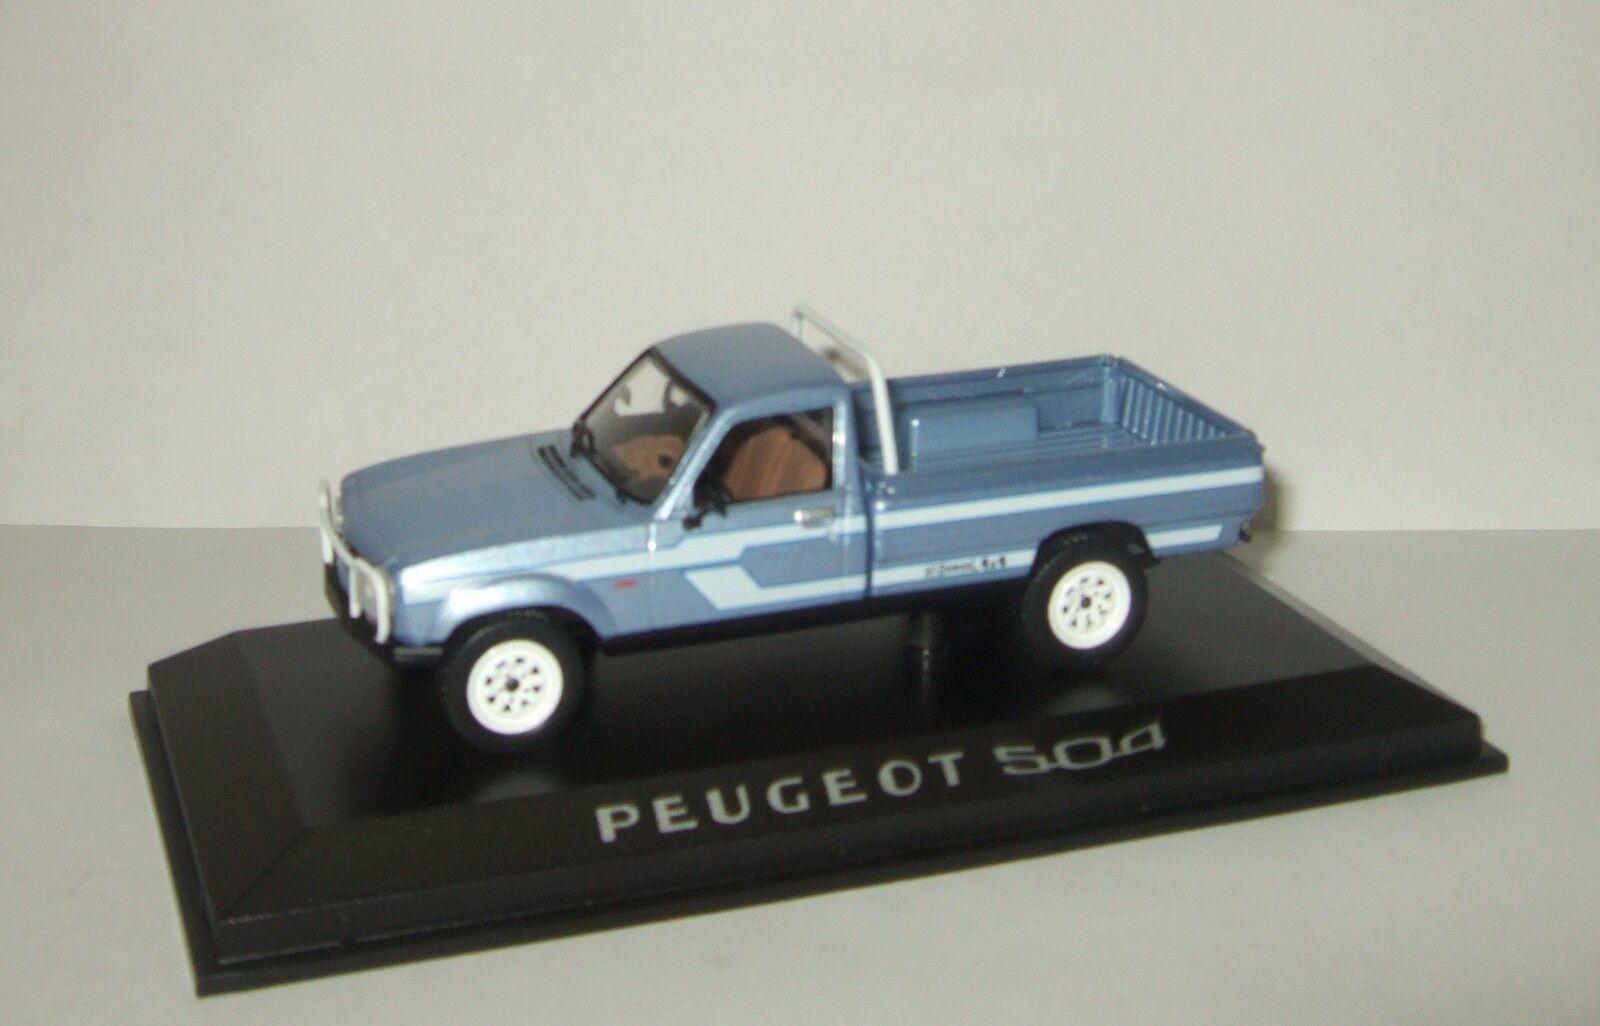 1 43 Norev Peugeot 504 4x4 Pick-up Dangel California 1985 475451